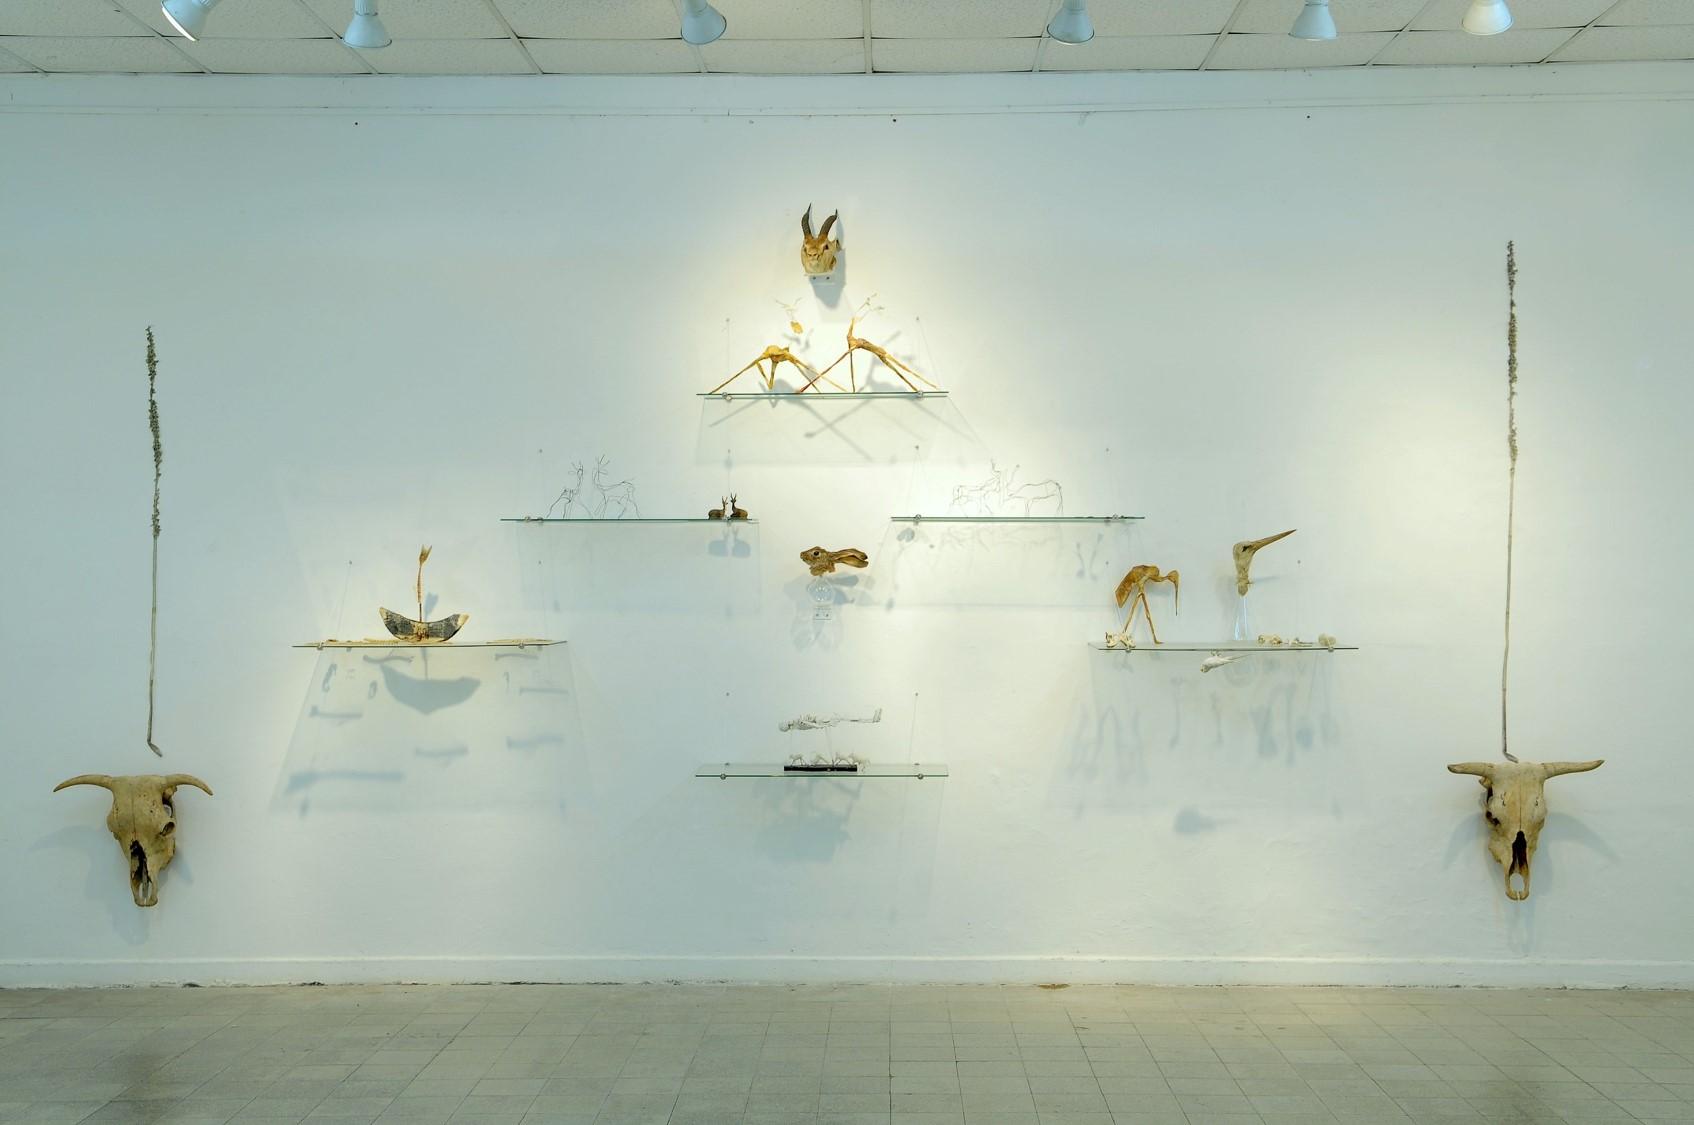 חד גדיא ,   2012  טכניקה מעורבת (מדפי זכוכית, אובייקטים מנייר, חוט תיל, שעווה, פוחלצים, גולגלות פרה,